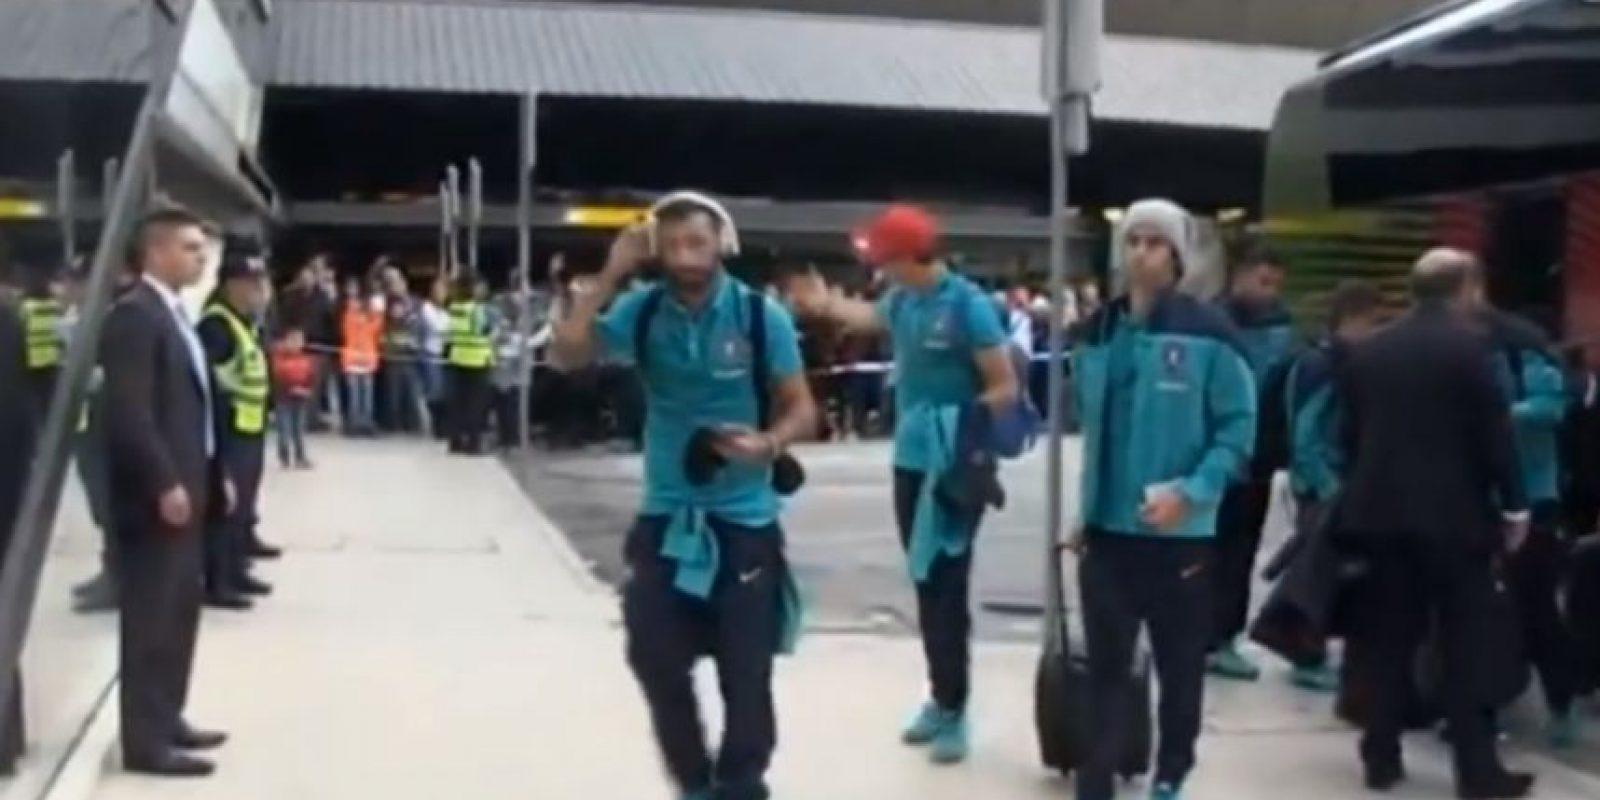 A la llegada de la Selección de Portugal al Aeropuerto de Manchester, CR7 le habló al pequeño Foto:Youtube: As.com